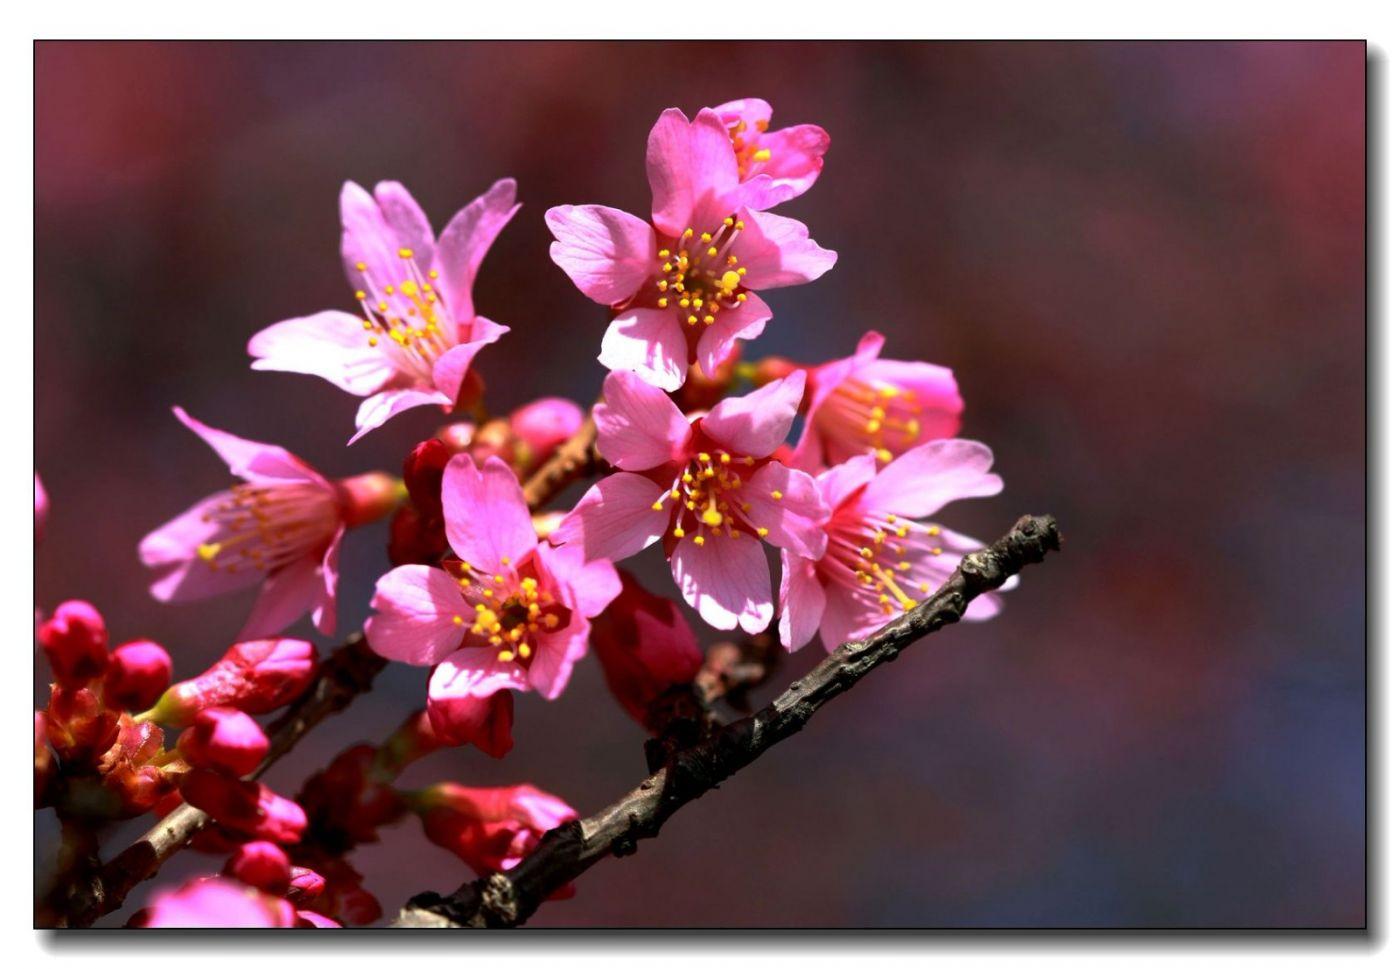 纽约早樱花已开满枝头_图1-11